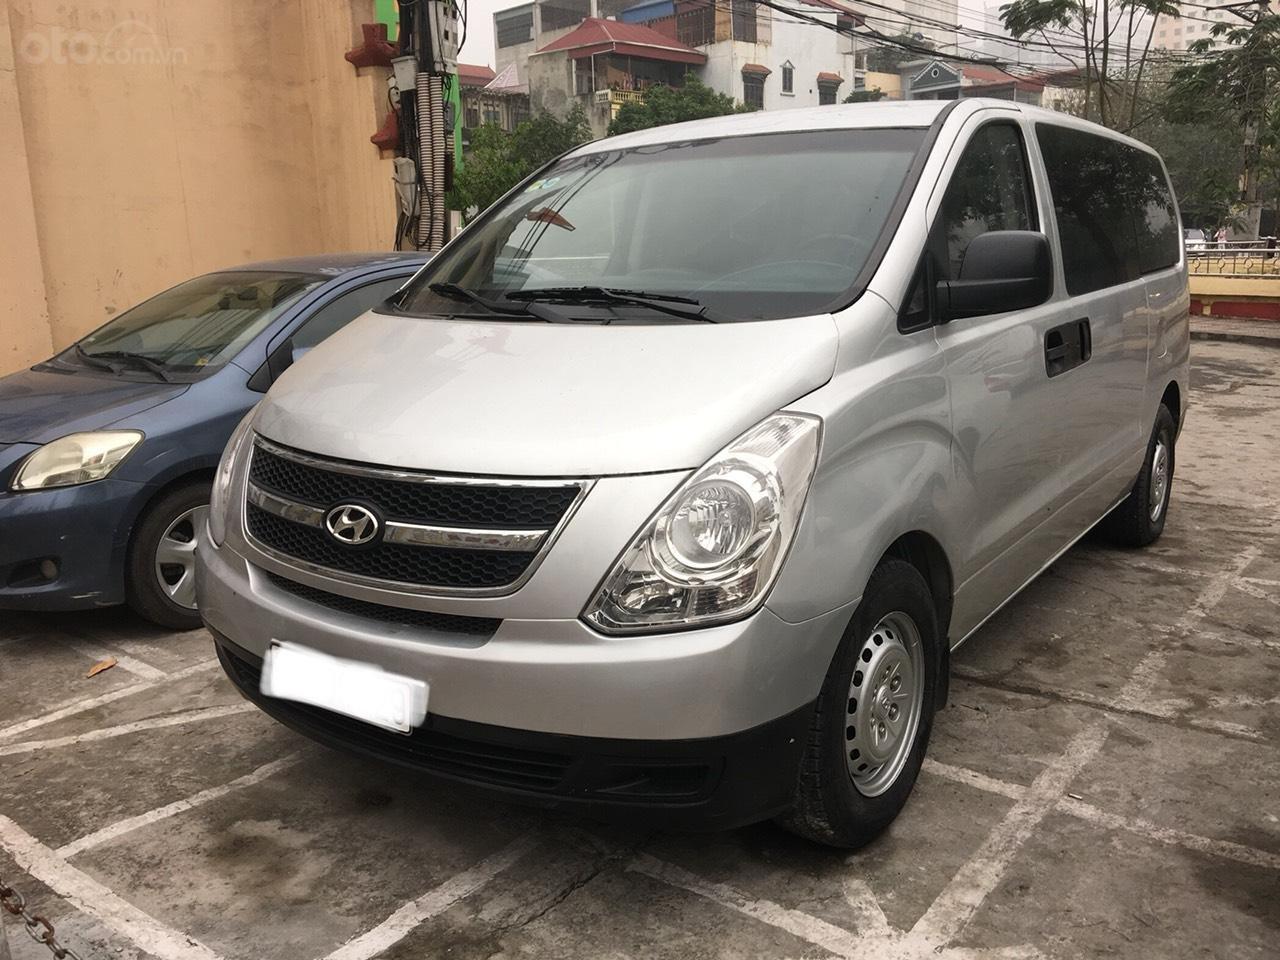 Bán xe Hyundai Grand Starex sản xuất 2008 ,máy dầu ,7 chỗ không  liên hạn (1)